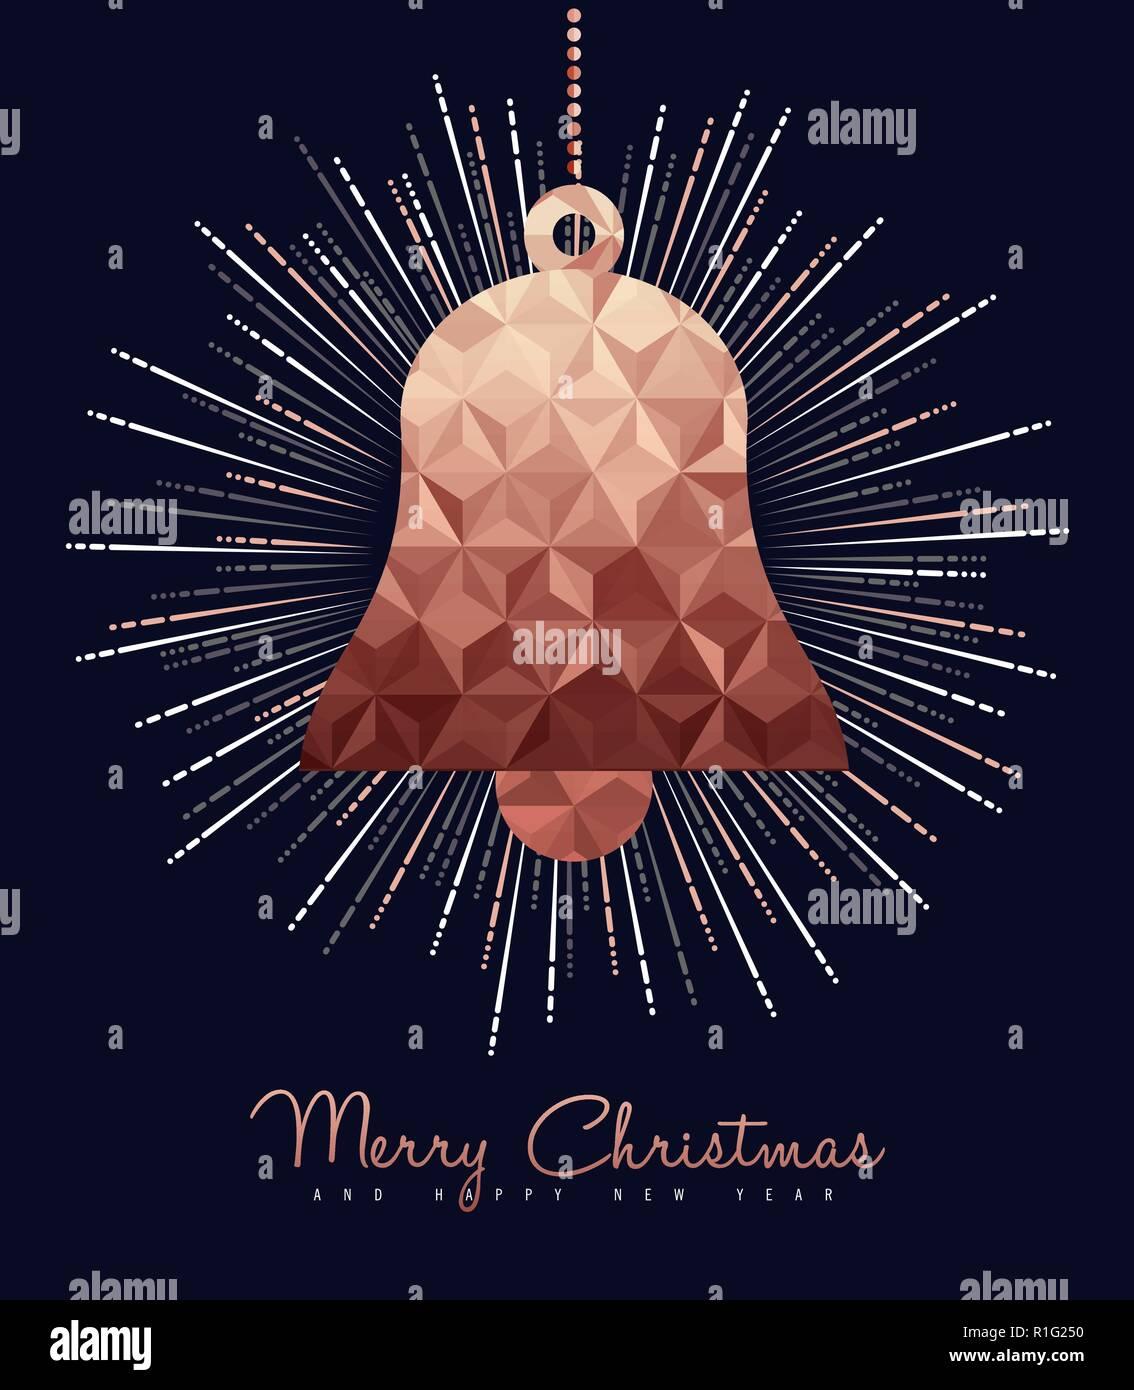 Joyeux Noël et bonne année fantaisie ornement cuivre. Idéal pour